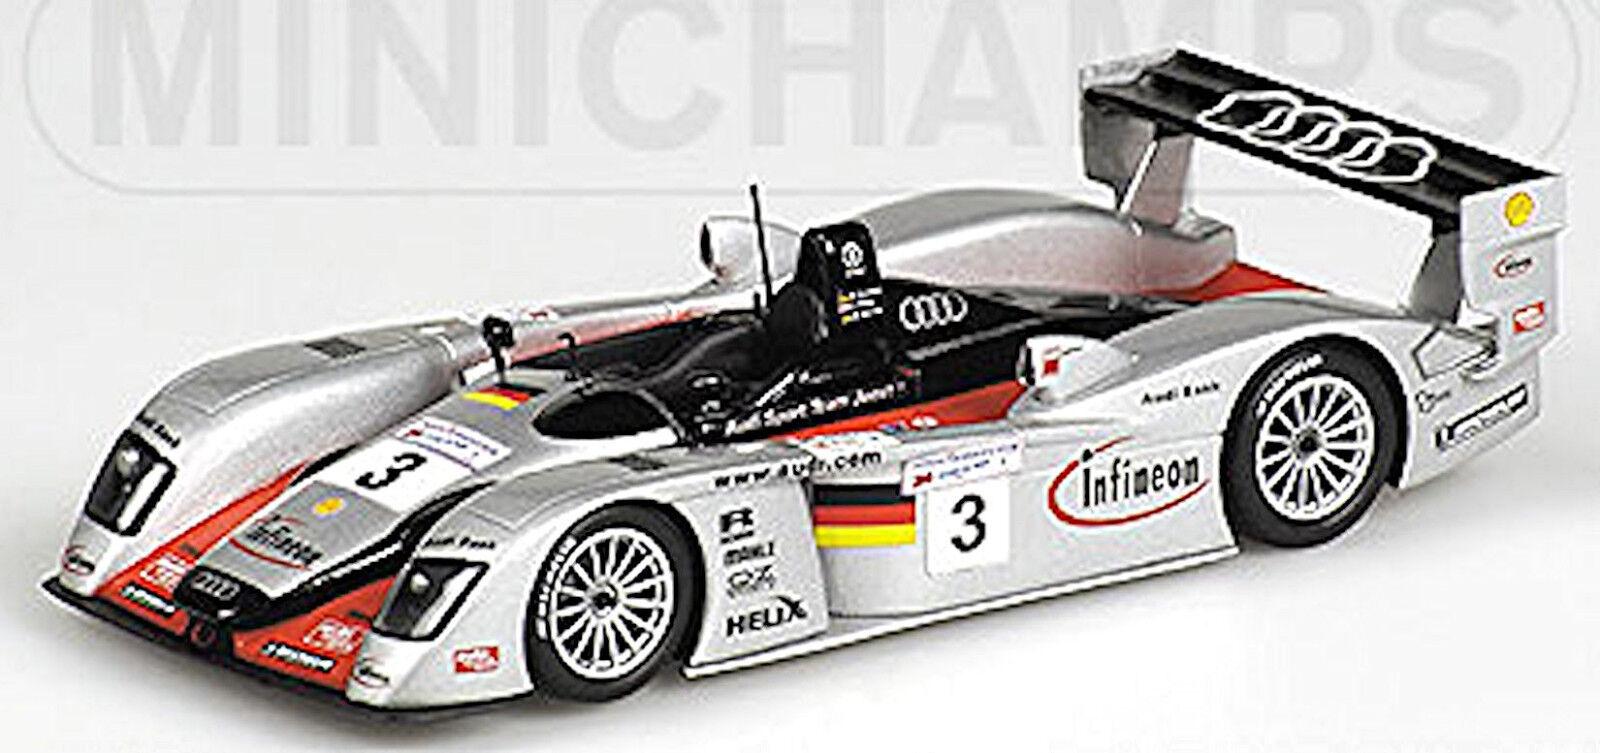 Audi R8R Le Mans 2002 Krumm Peter Werner  3 équipe Joest 1 43 Minichamps